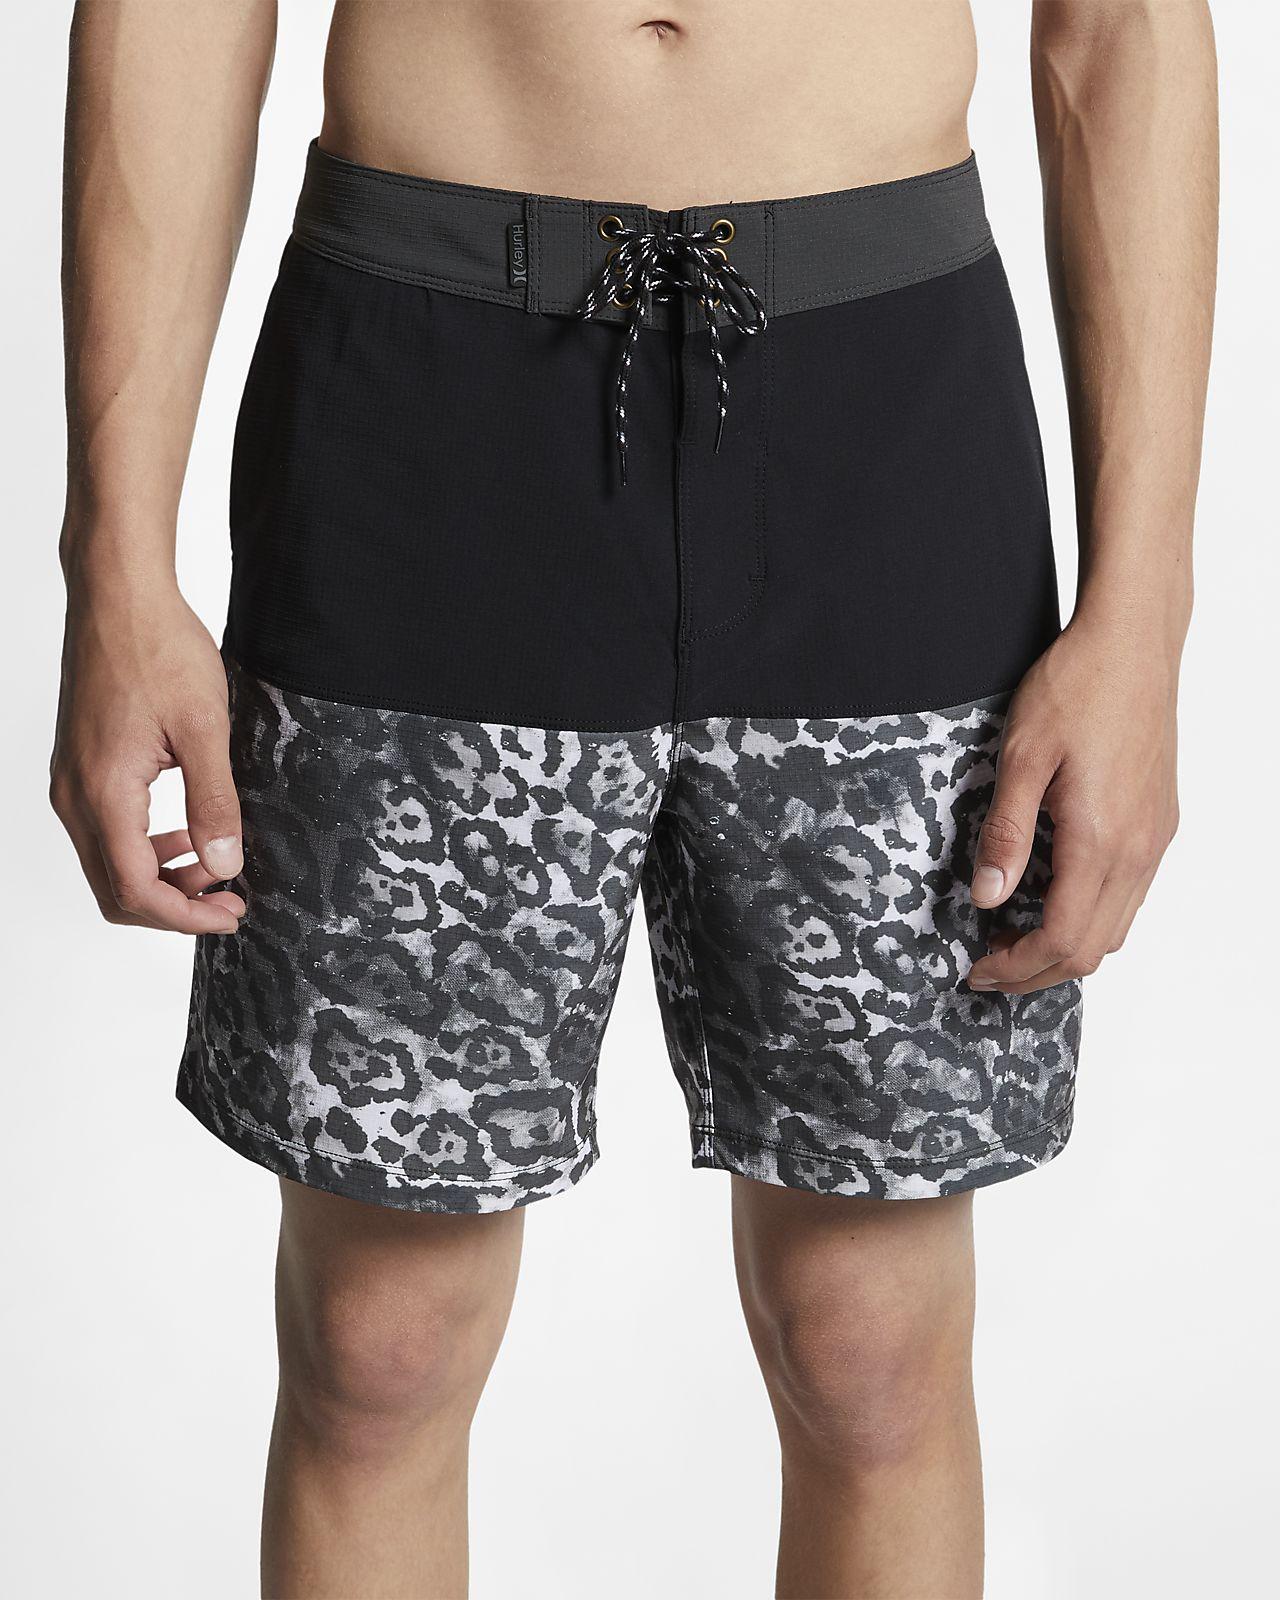 Hurley Phantom Herren-Boardshorts mit Leoparden-Print (ca. 46 cm)